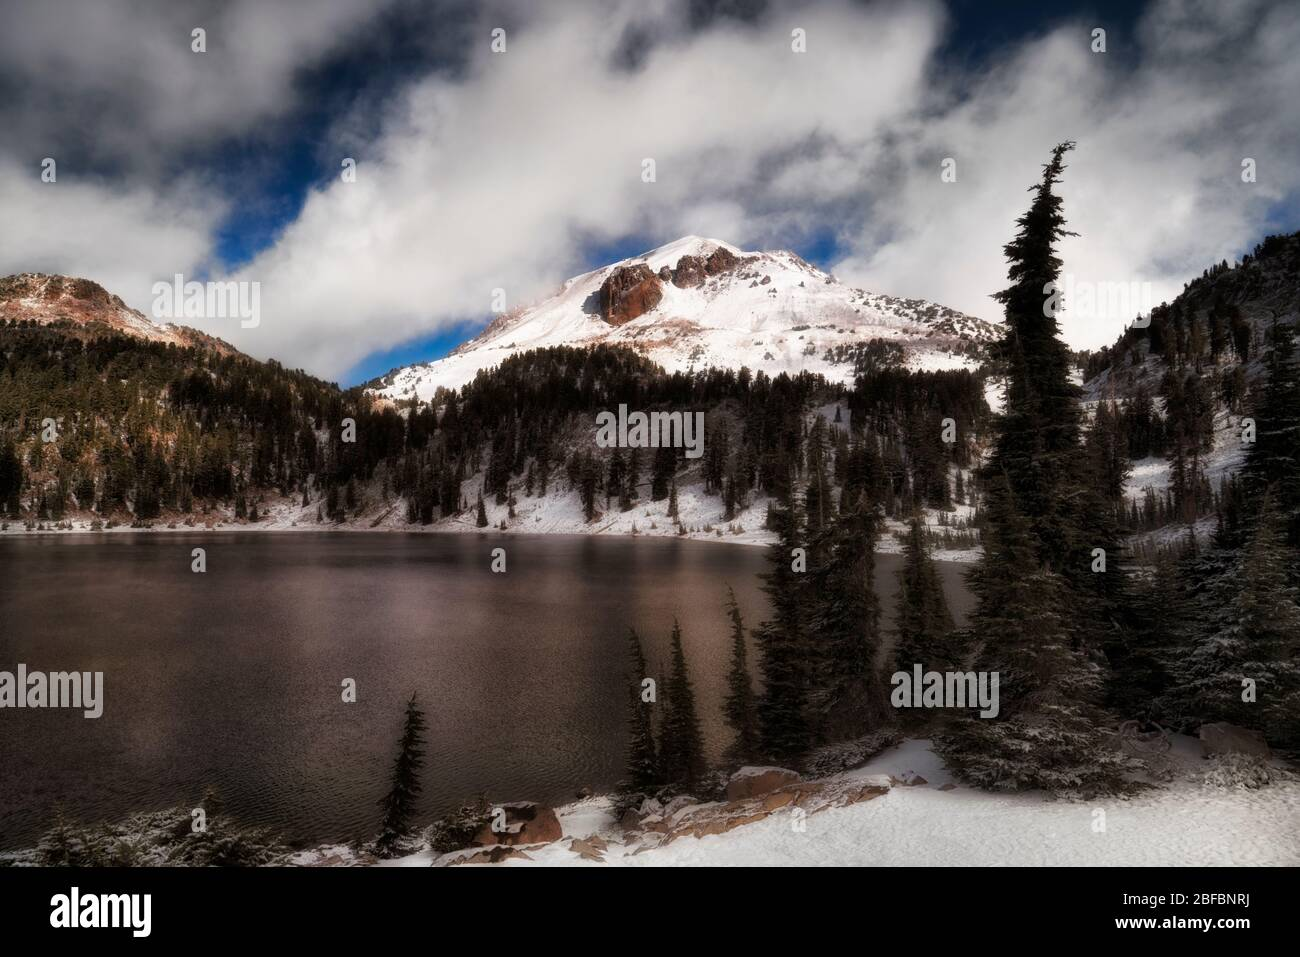 Brève séparation des nuages du matin révélant la neige fraîche d'automne sur le mont Lassen et autour du lac Helen dans le pic Lassen de Californie Volcan National Pa Banque D'Images